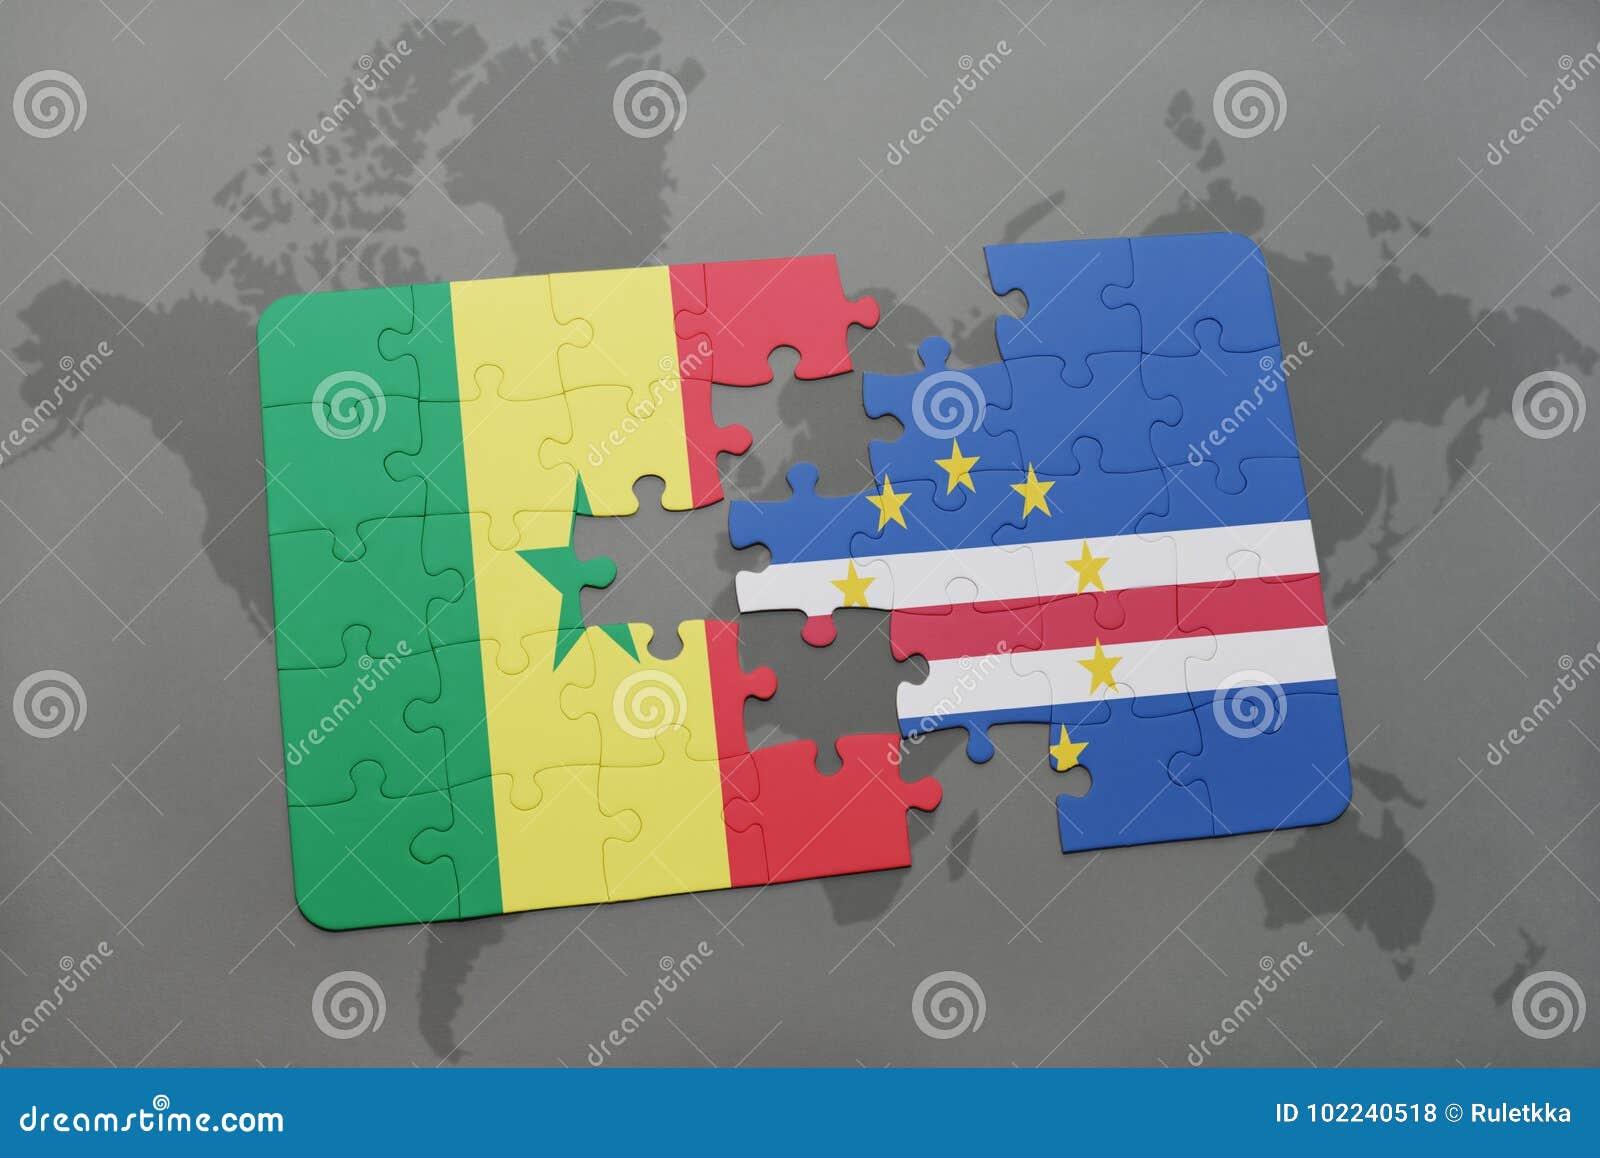 Carte Senegal Cap Vert.Deconcertez Avec Le Drapeau National Du Senegal Et Du Cap